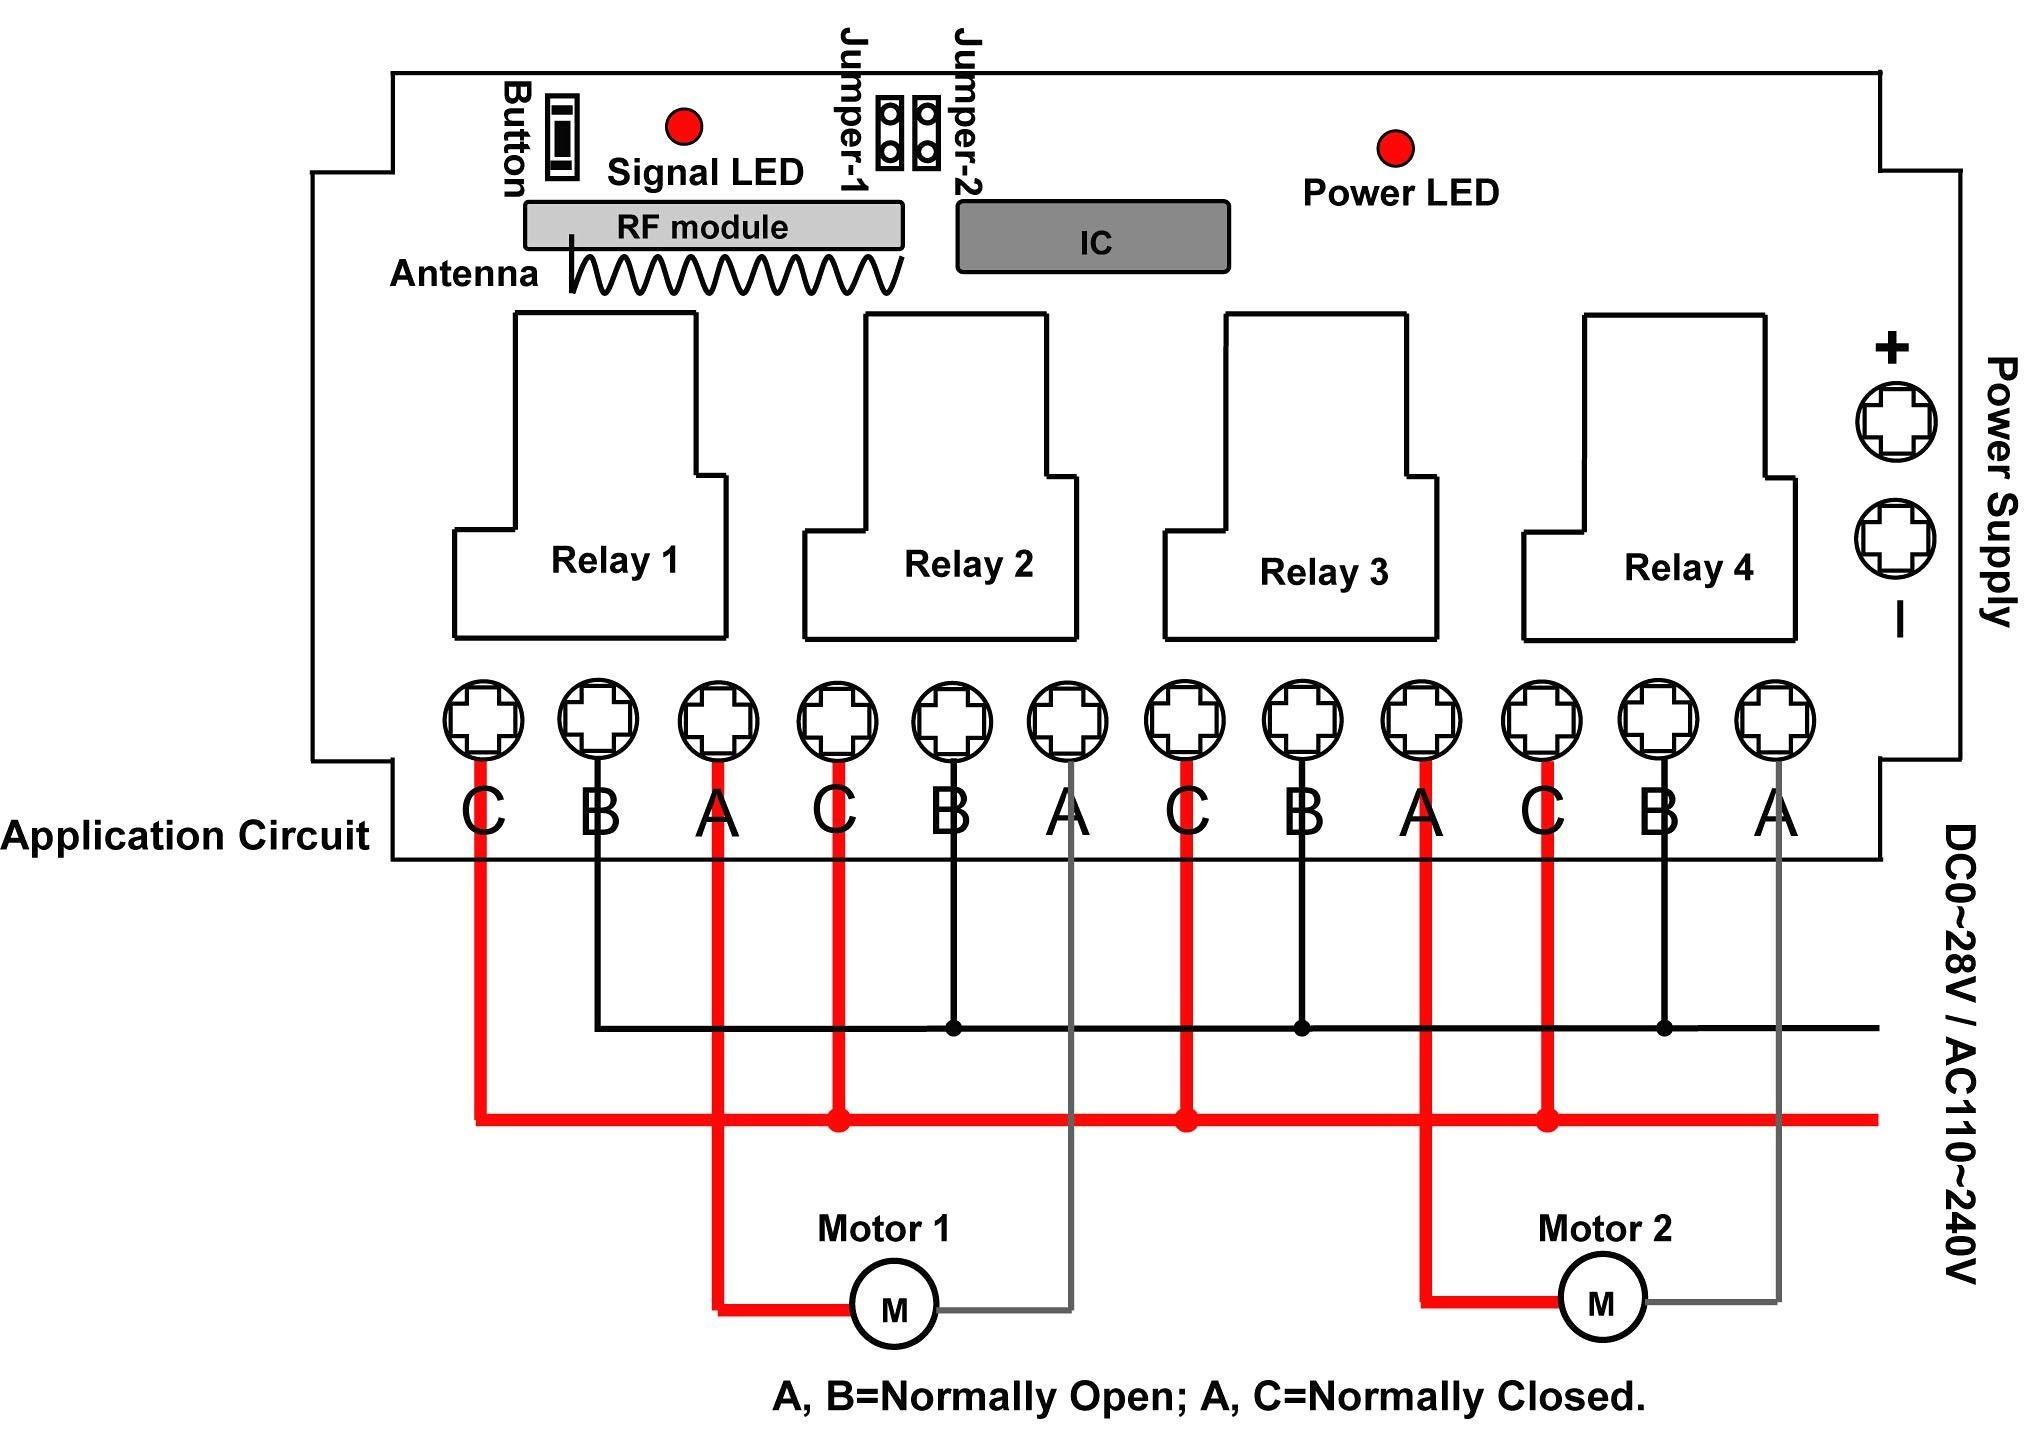 New Wiring Diagram Garage Door Opener Sensors Diagram Diagramsample Diagramtemplate Wiringdiagram Diagramchart Workshe Garage Doors Diagram Diagram Chart